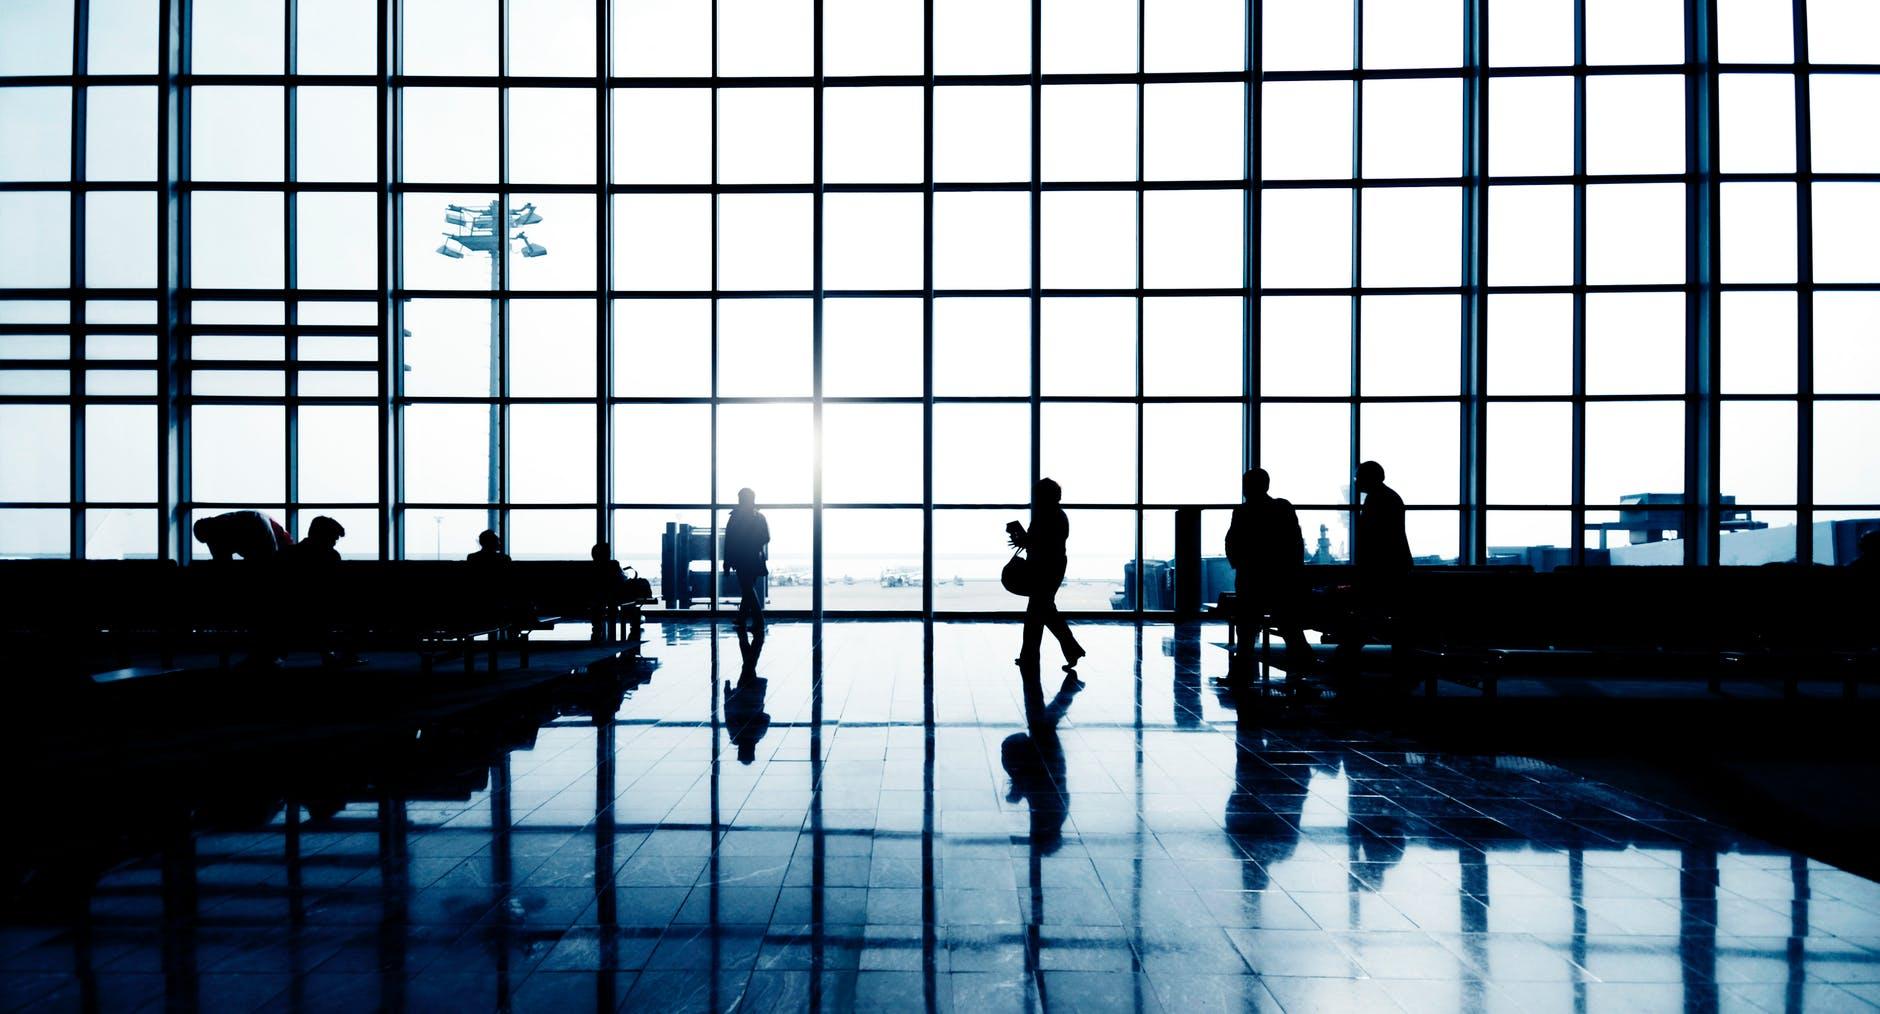 queensland airport